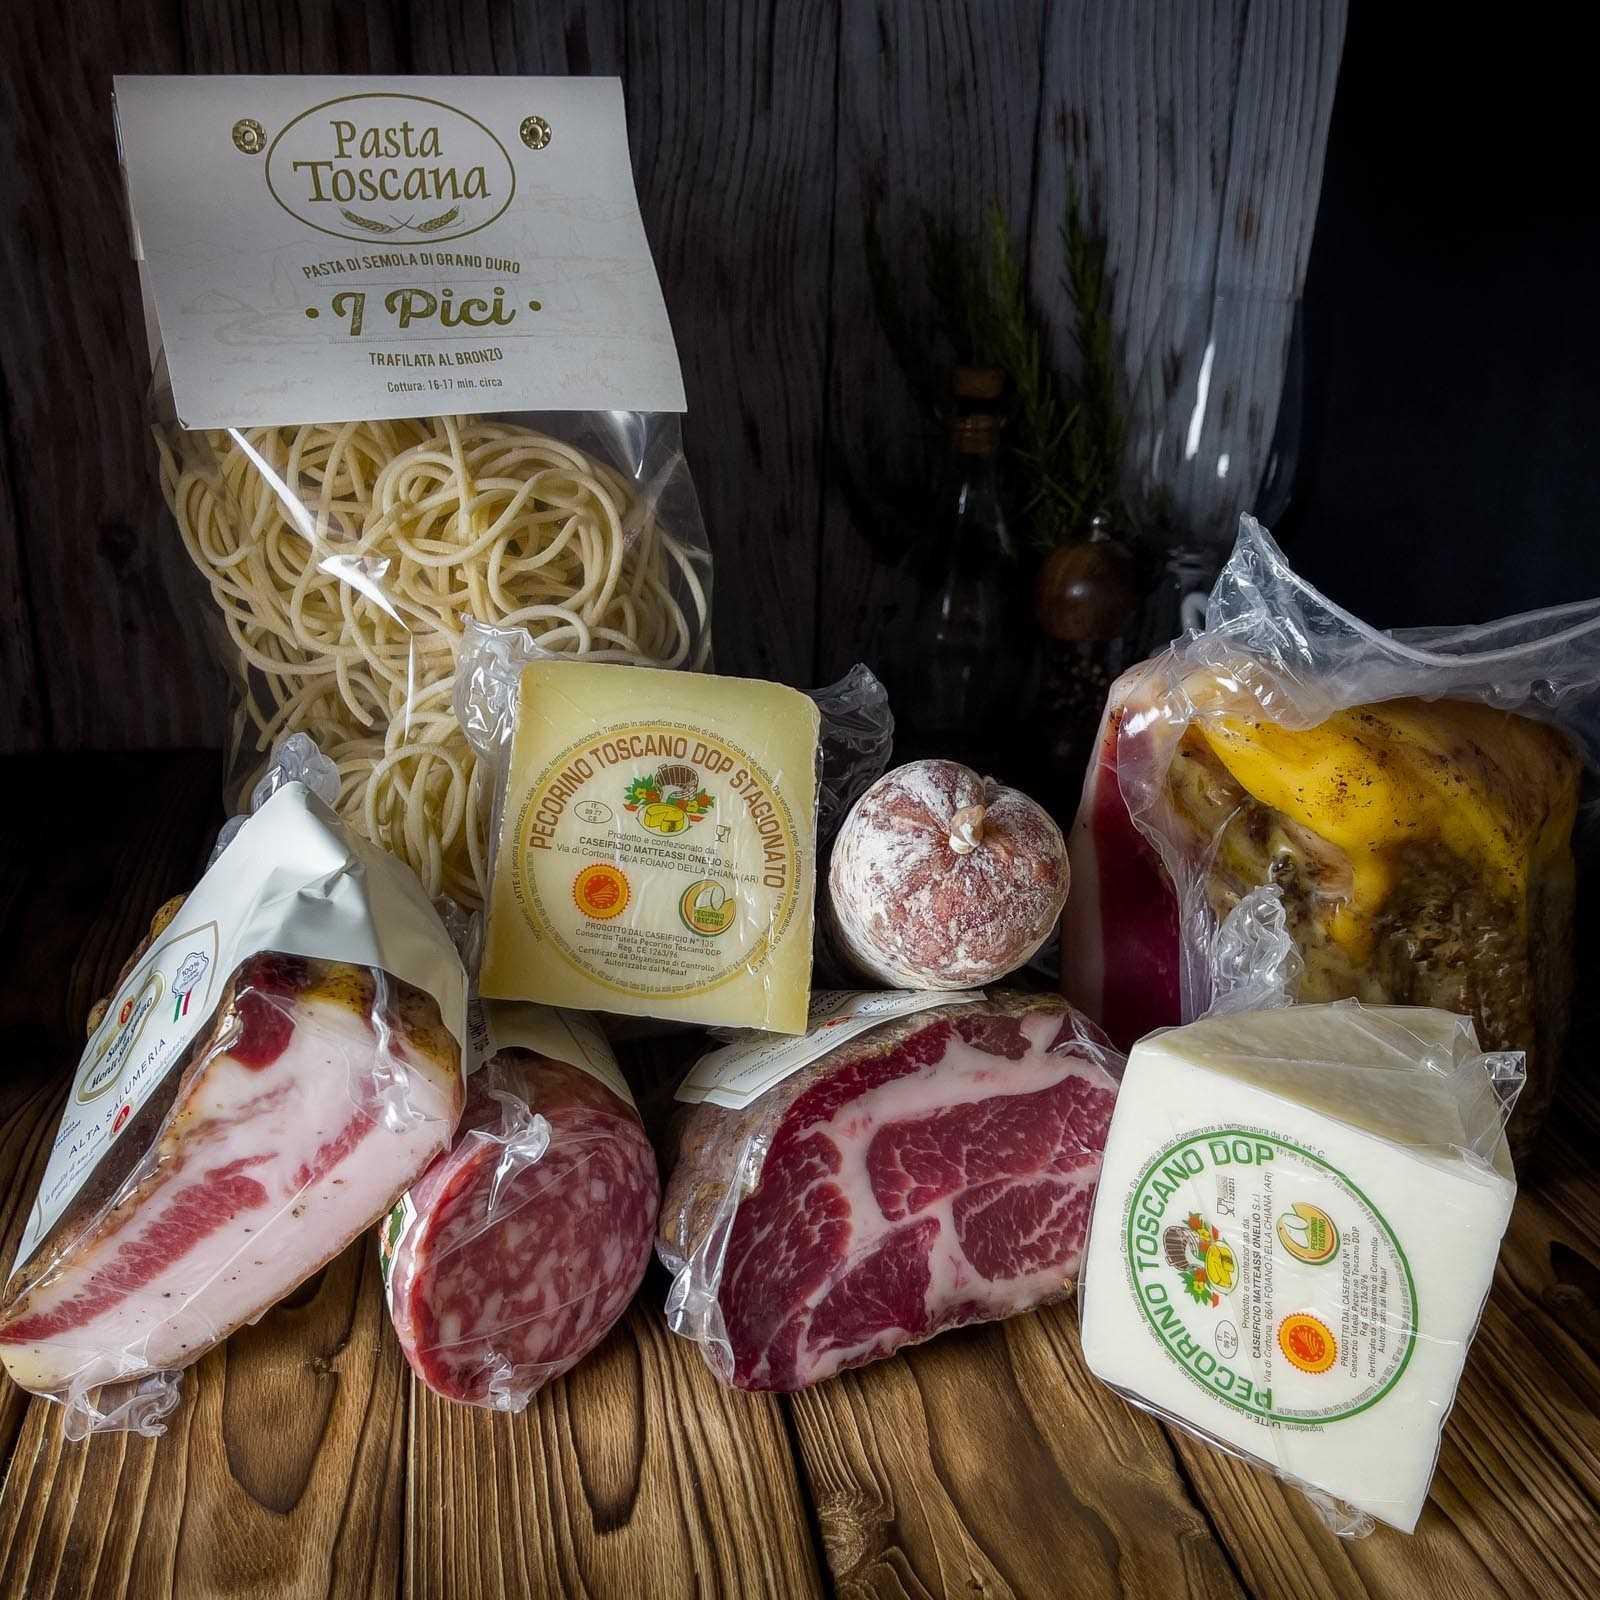 Verkostungsbox mit einer Auswahl typischer toskanischer Produkte